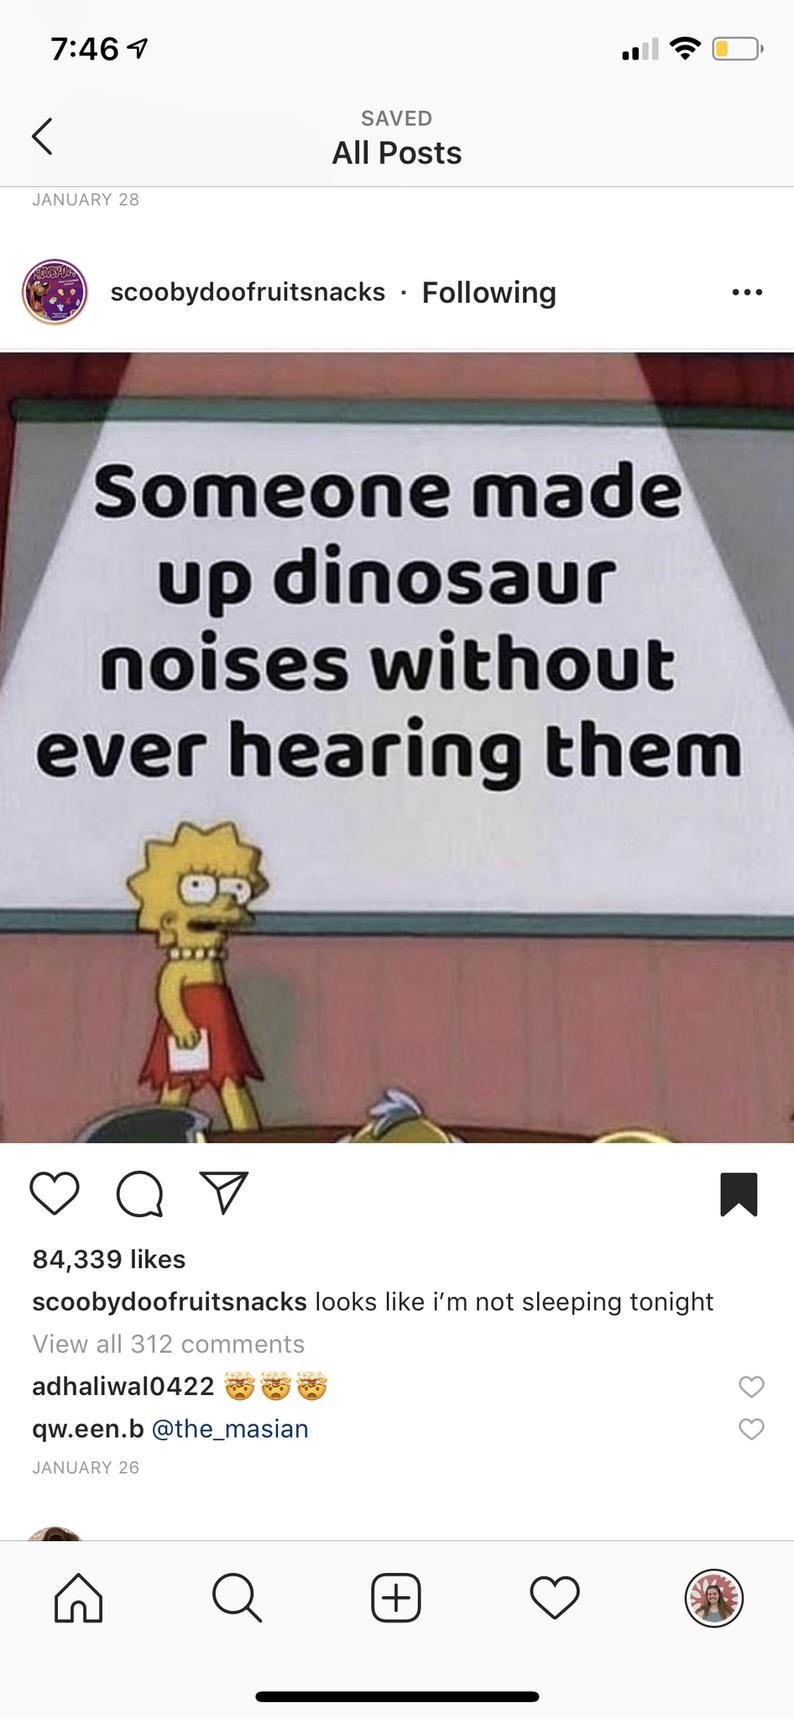 HhHhHmmmmmmmmMmmmMmMmM - meme